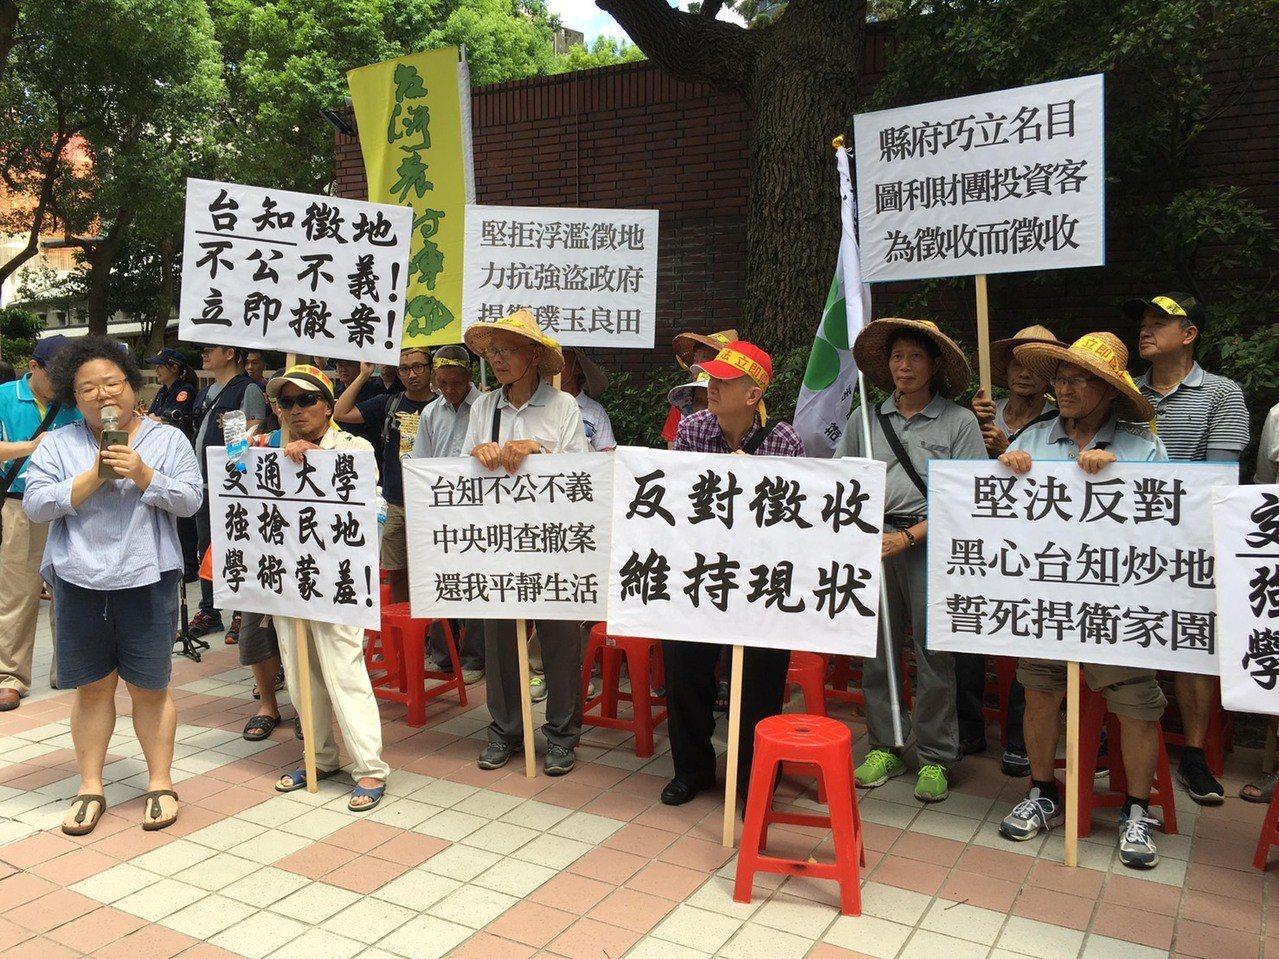 場外有抗議的農民與團體表達反對立場。圖/連郁婷提供